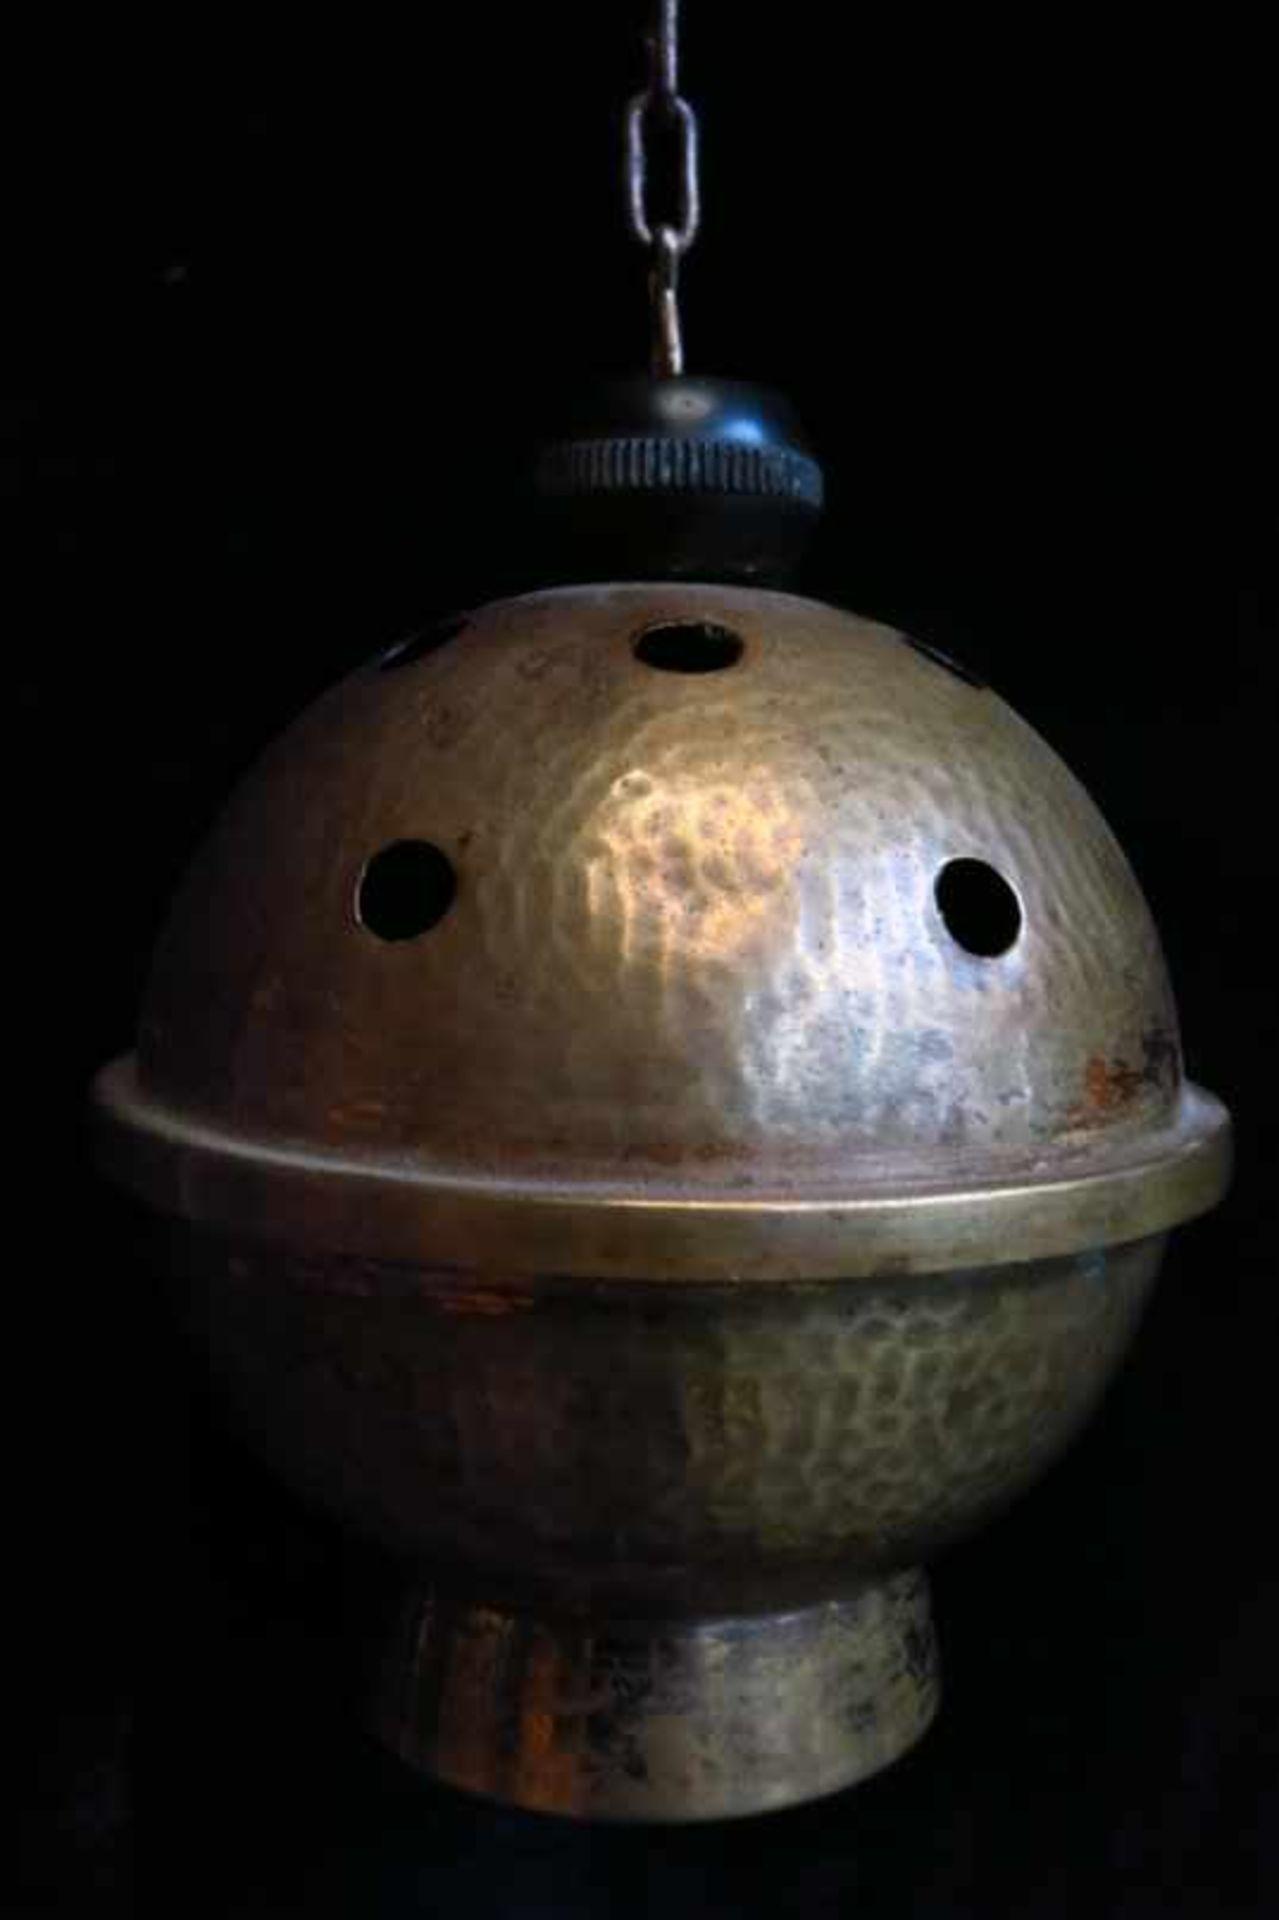 Old Hammered Brass Thurible Censor Incense Burner - Image 2 of 4